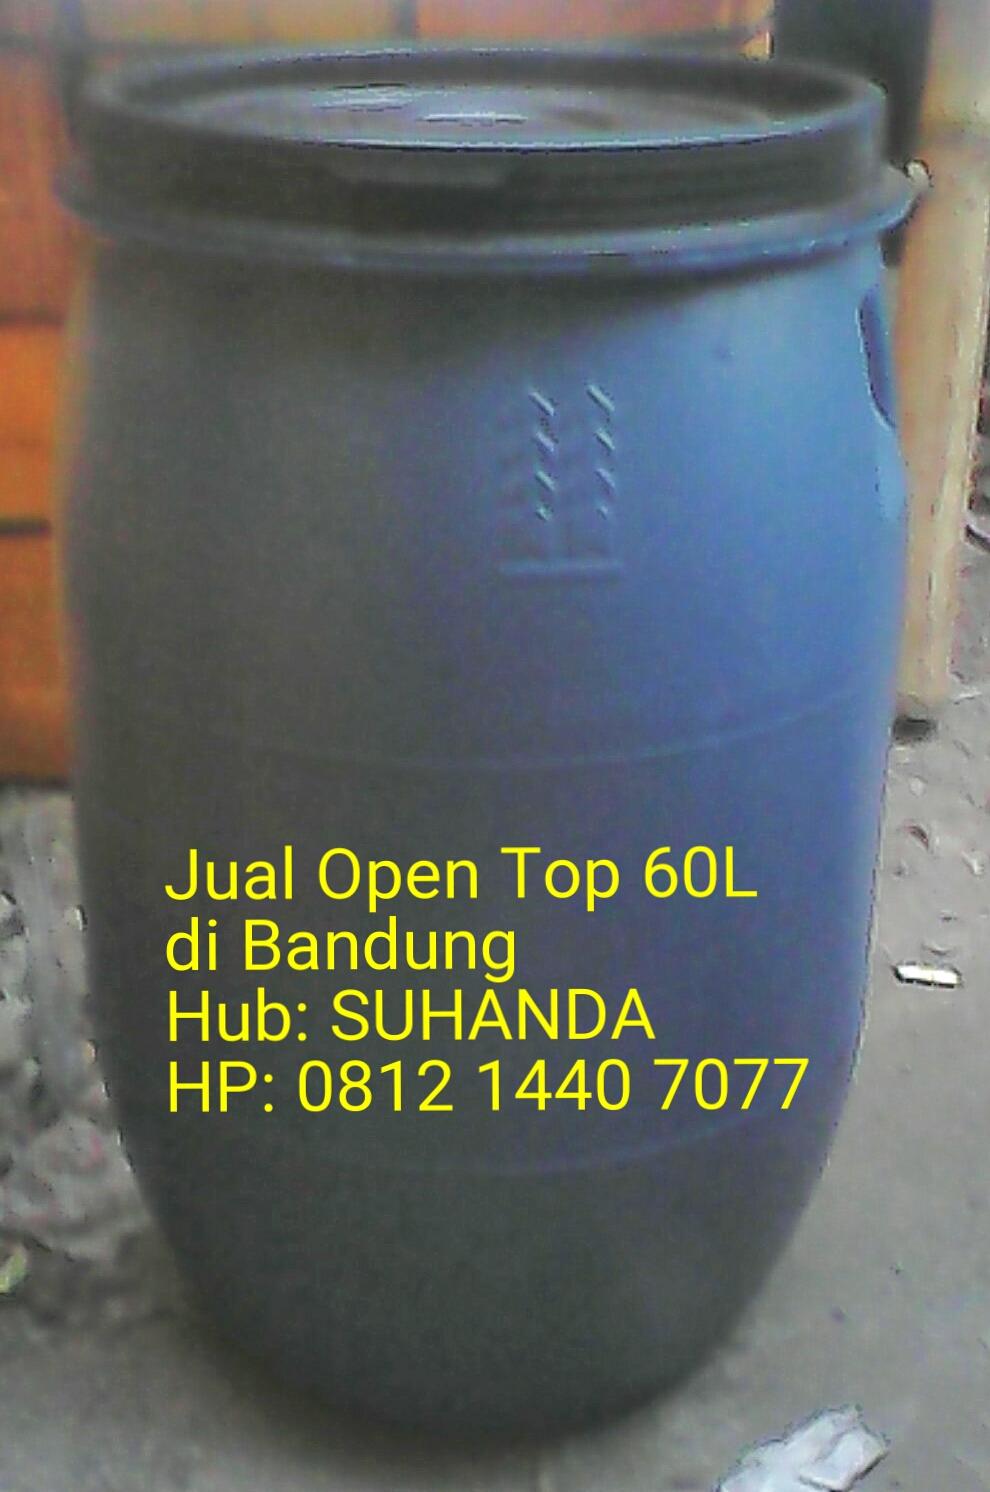 Suhanda Drum Jual Open Top 60L Di Bandung